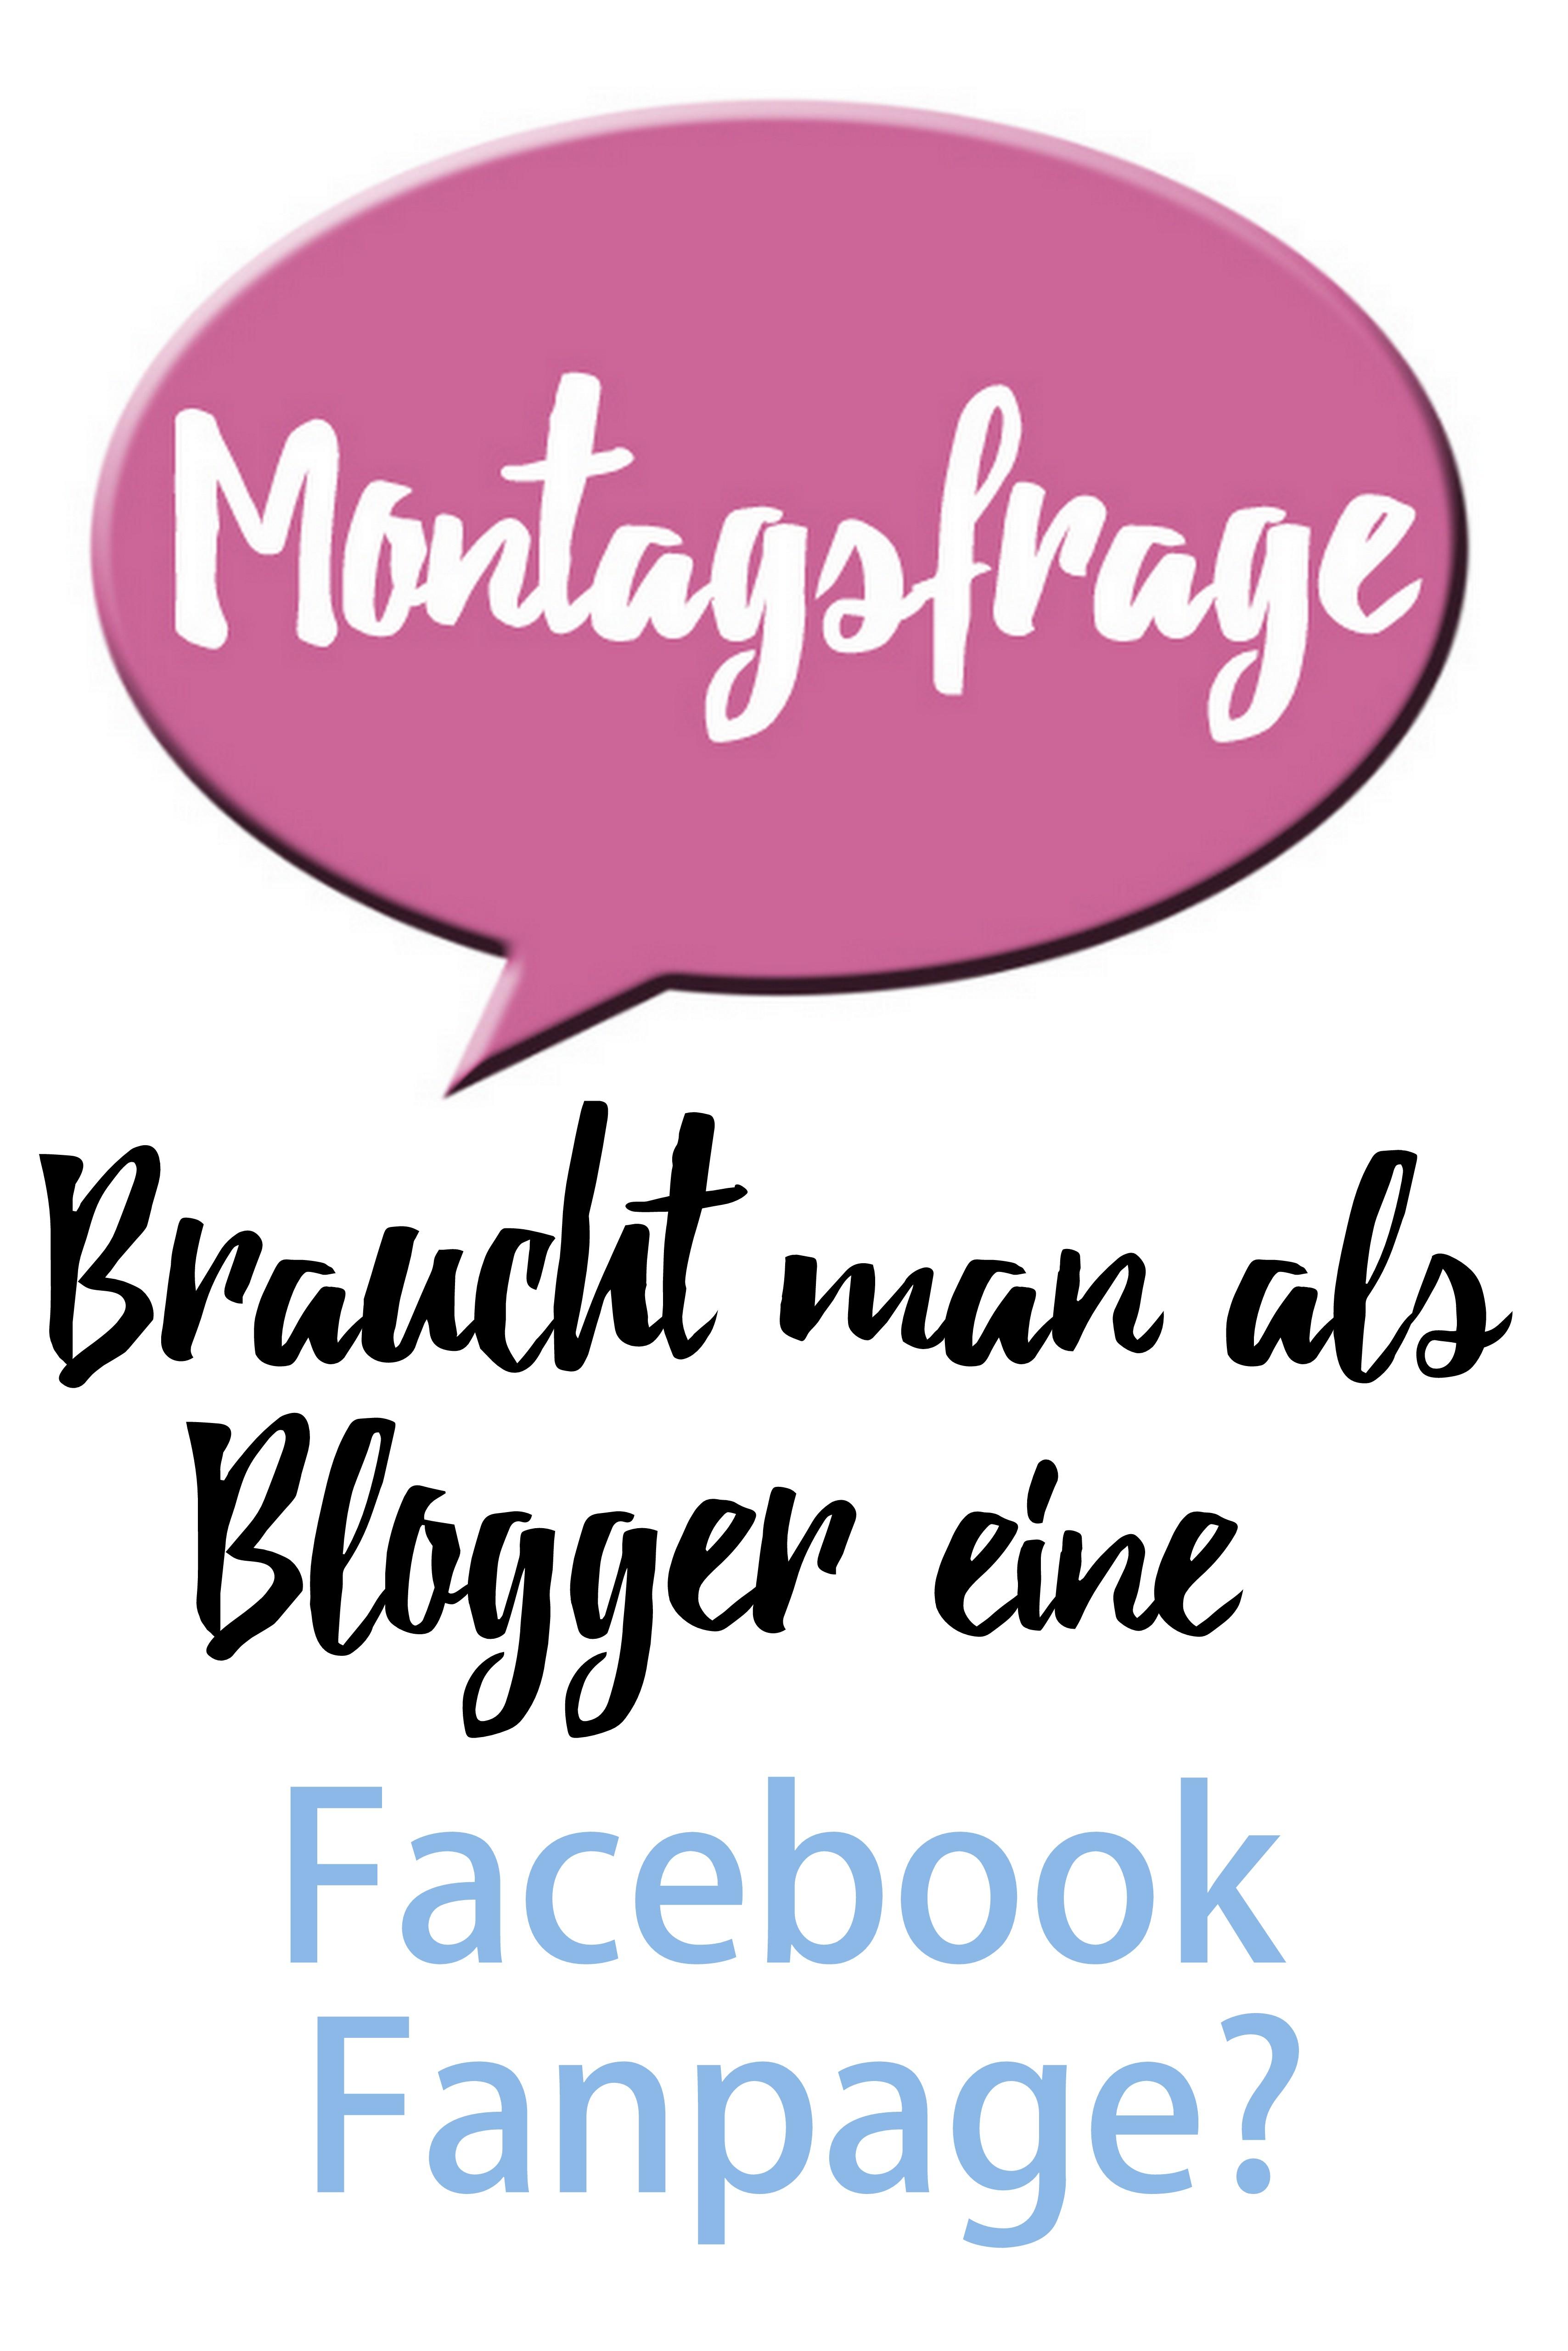 Facebook Fanpage für den Blog? Braucht ein Blogger das wirklich? Seht hier was die Leser und Blogger dazu sagen und ob ihr noch heute eine Facebook Seite für euren Blog erstellen solltet!